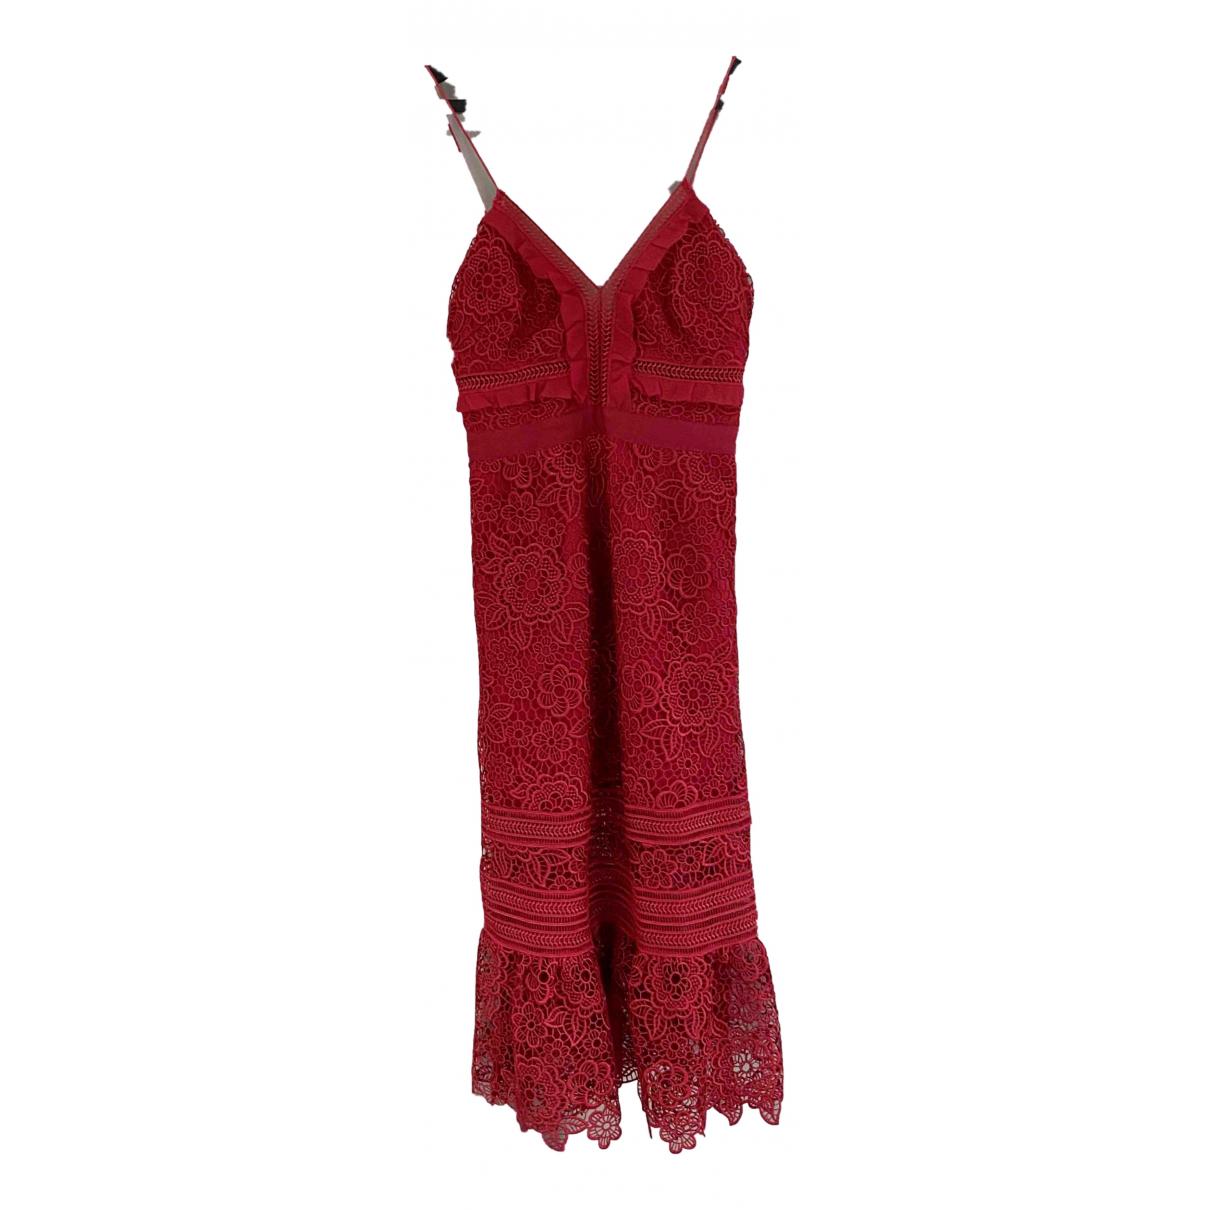 Self Portrait N Red dress for Women 8 UK